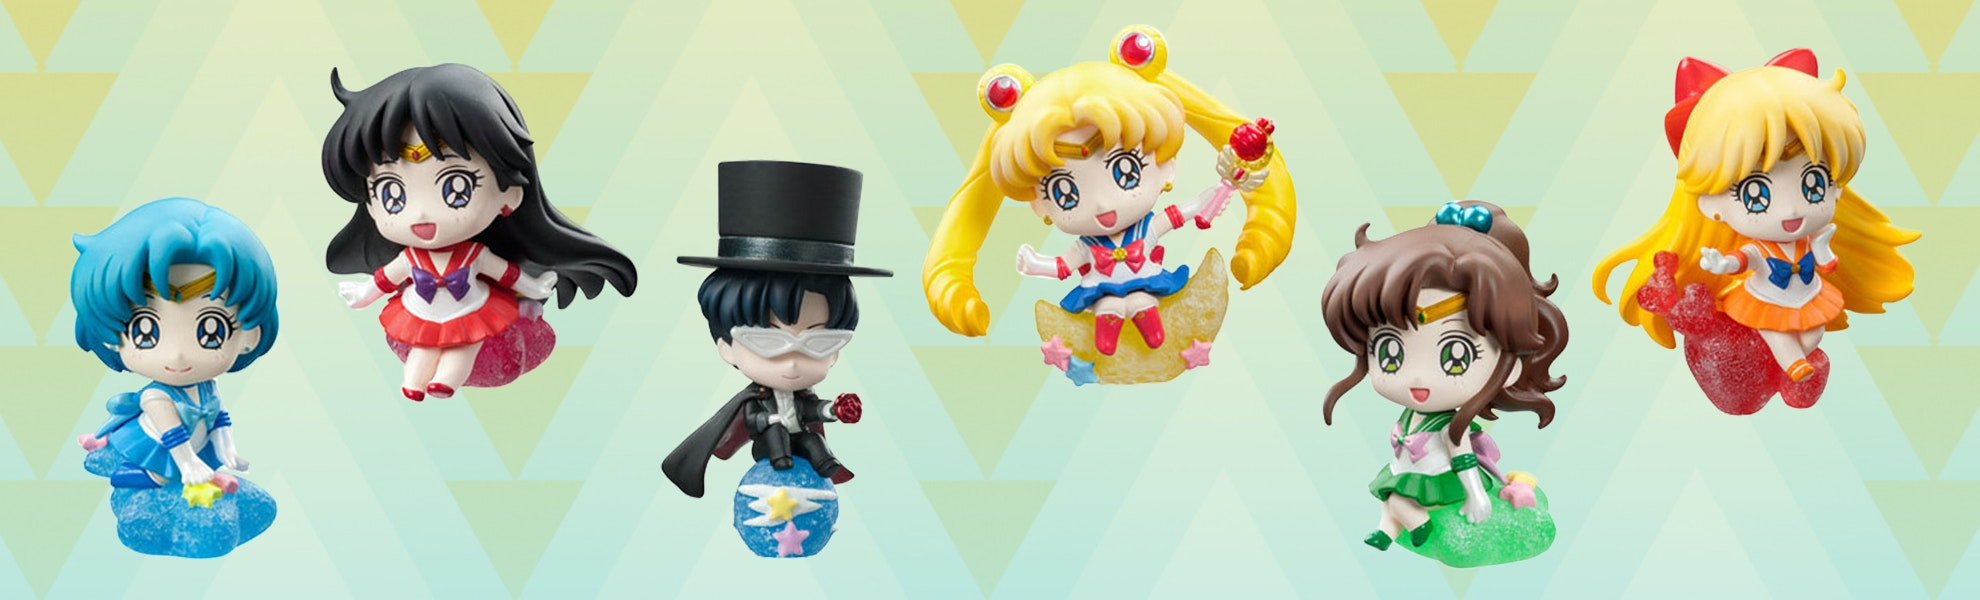 Petit Chara Land: Sailor Moon Makeup Figure Set